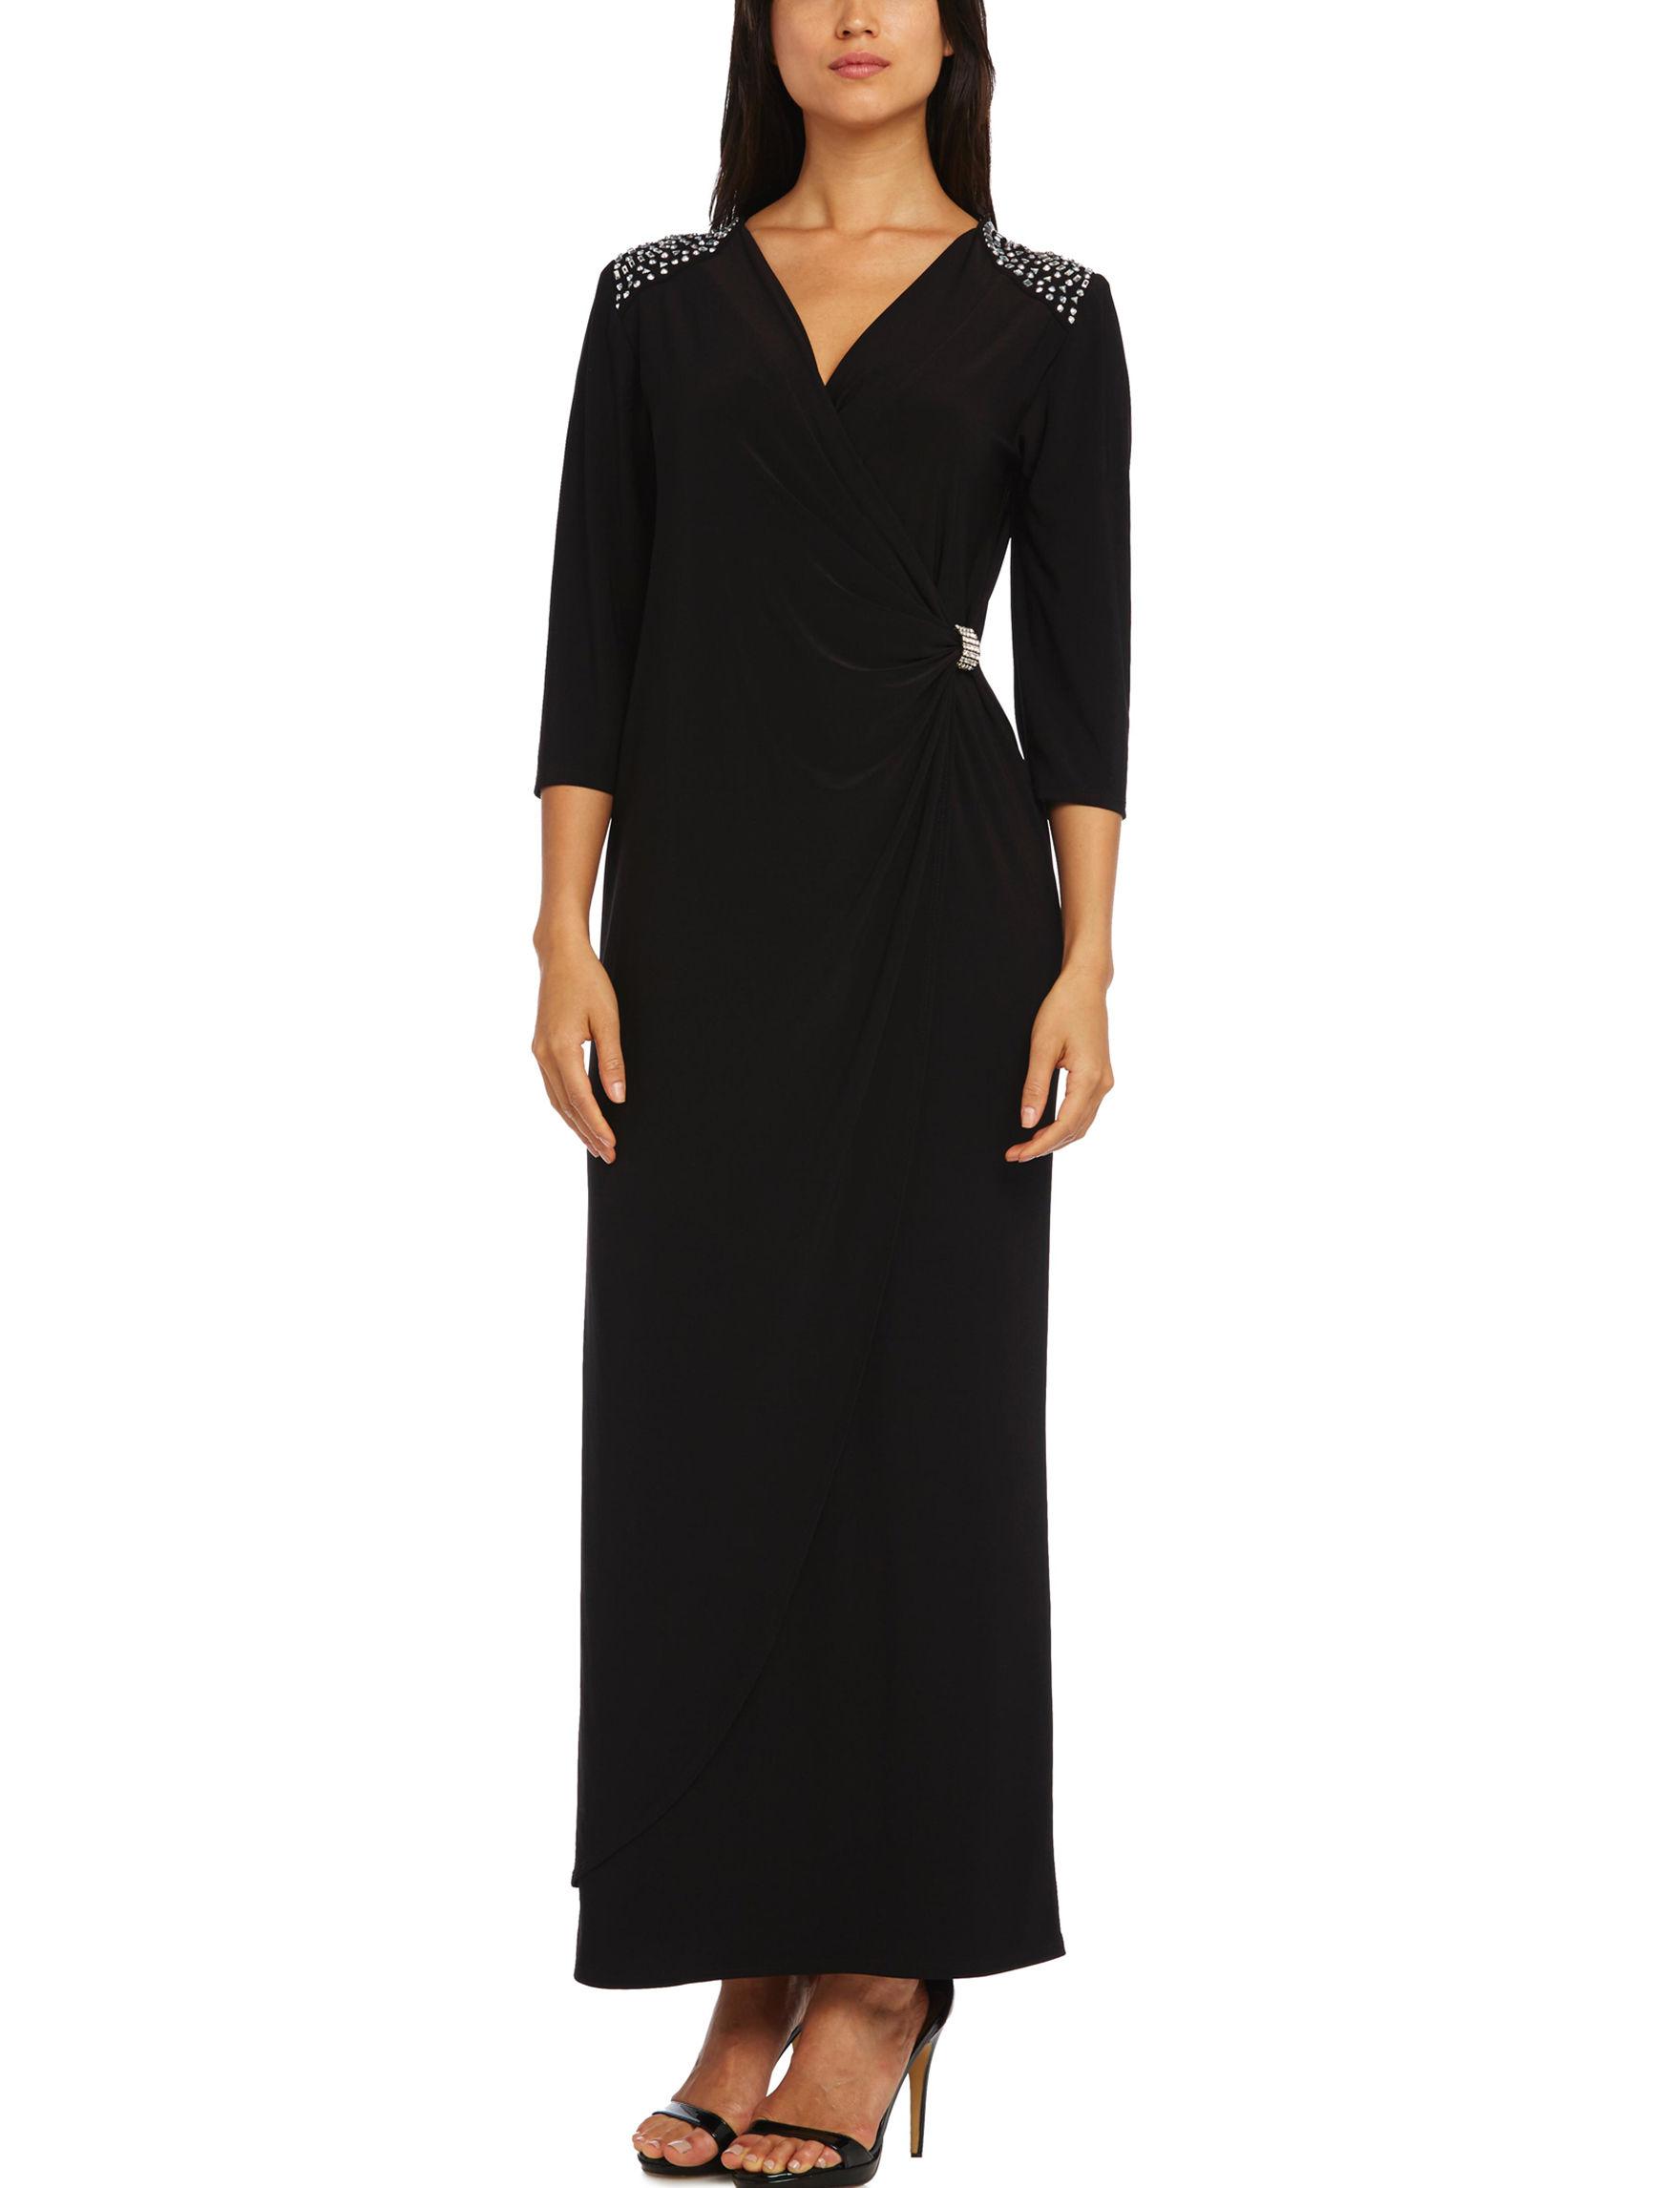 R & M Richards Black Cocktail & Party A-line Dresses